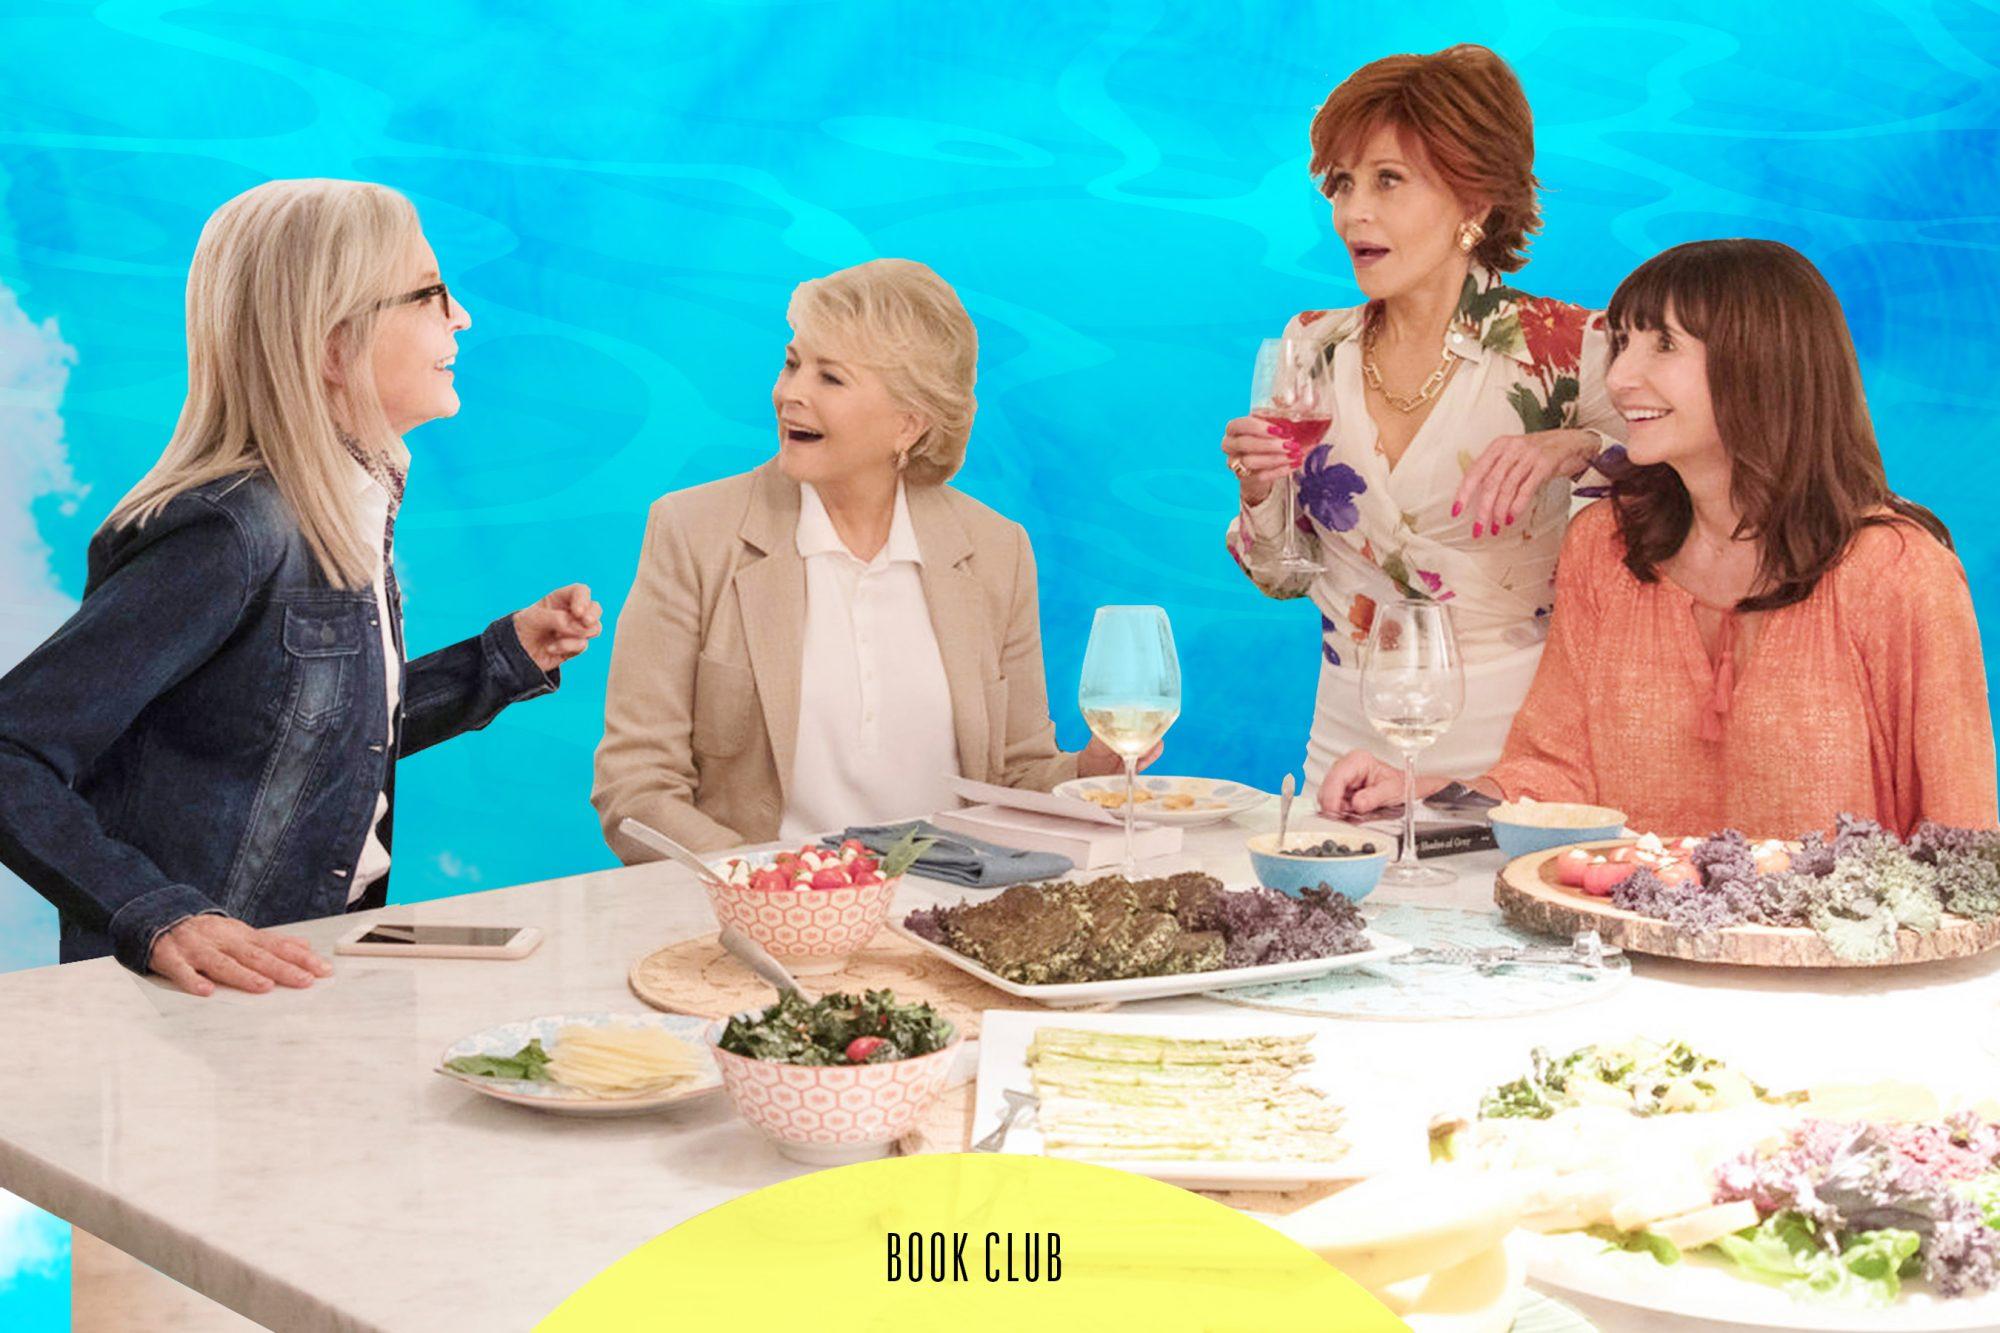 Diane, Sharon, Vivian, and Carol